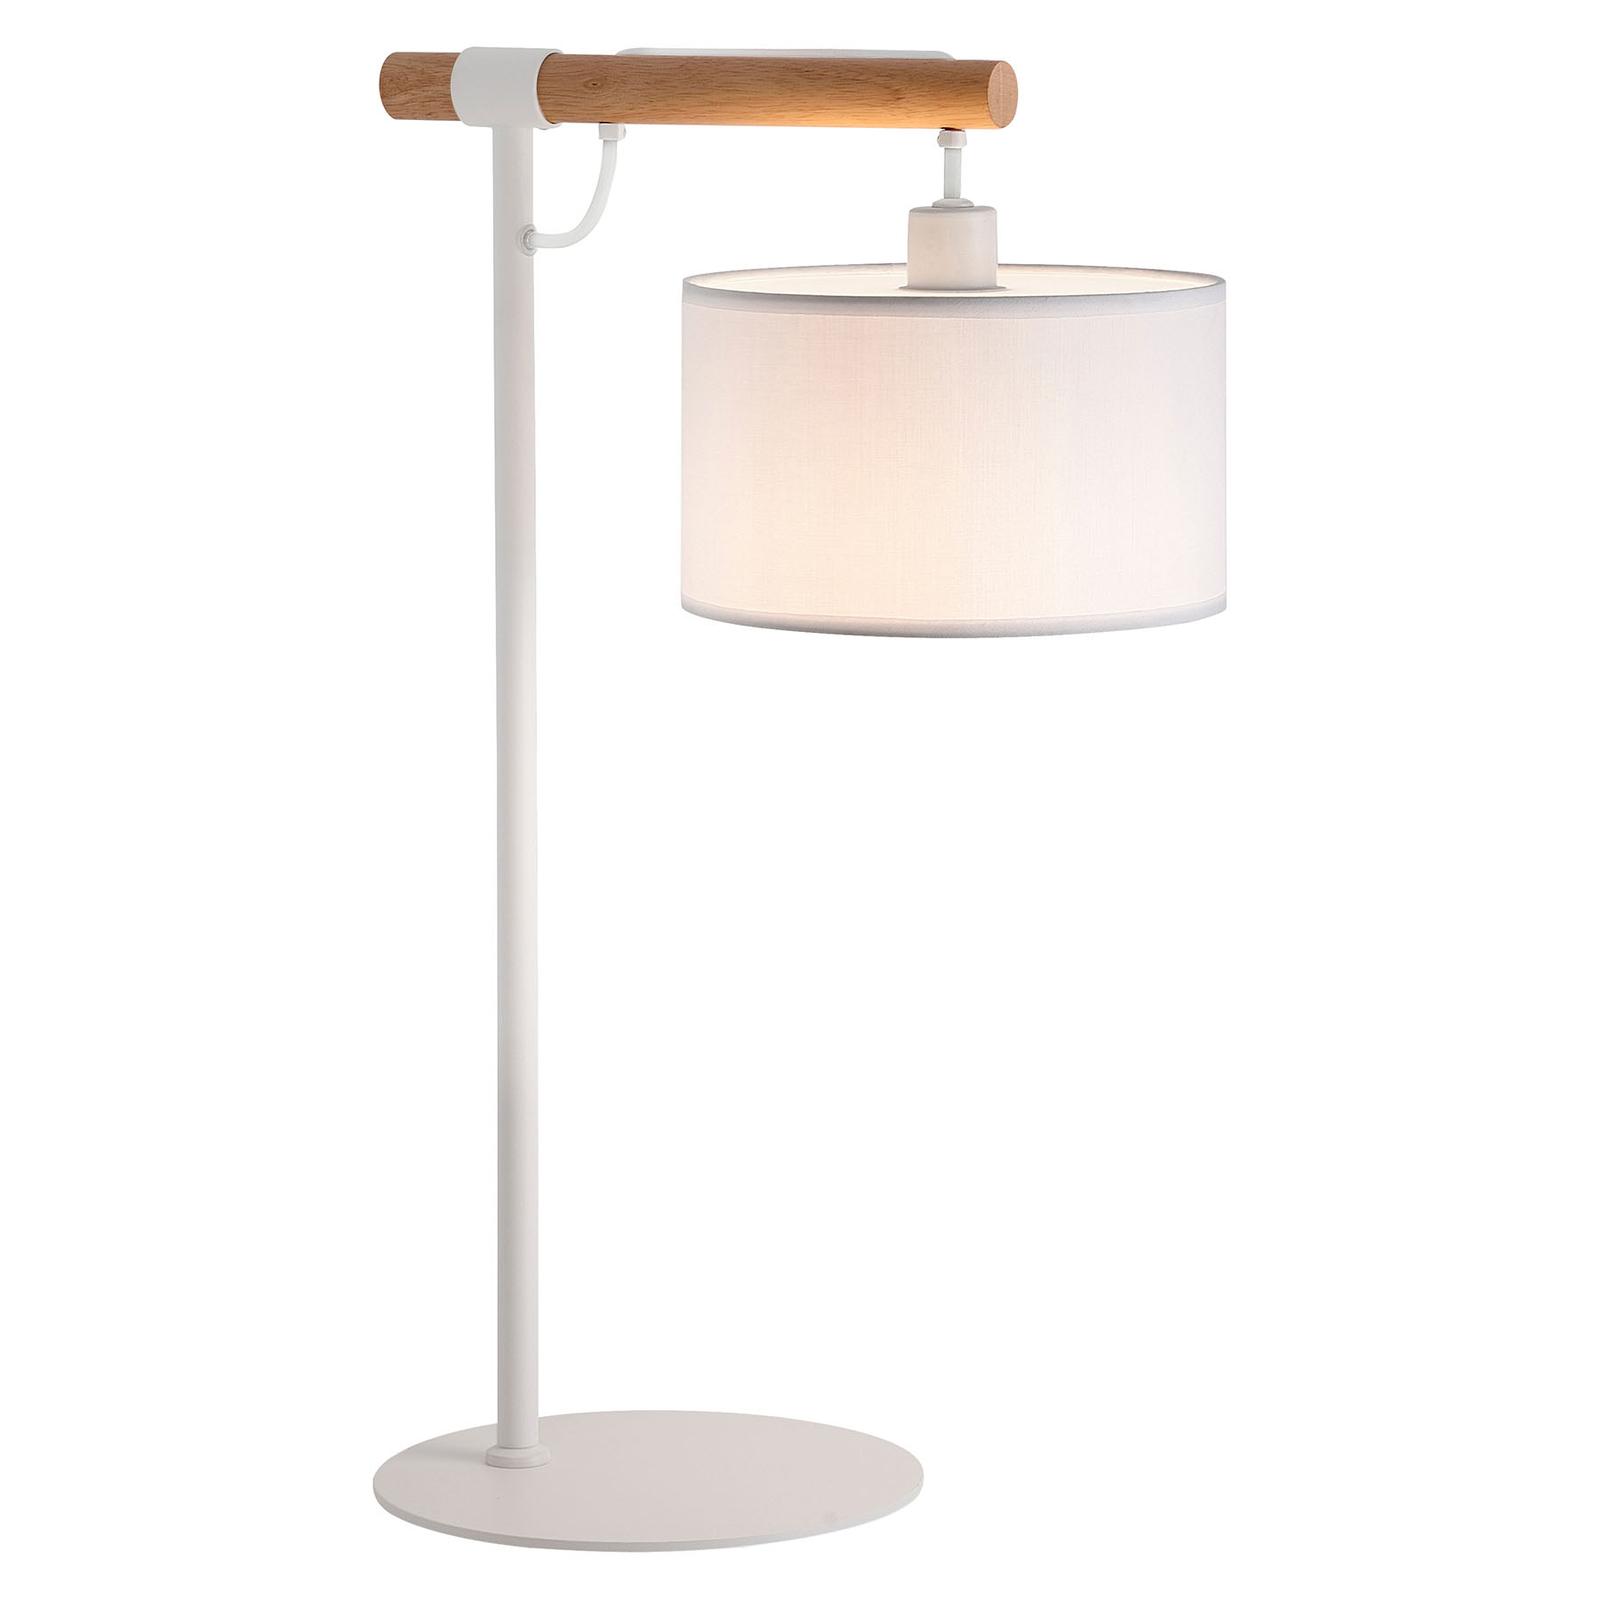 Tafellamp Romeo met stoffen kap, wit